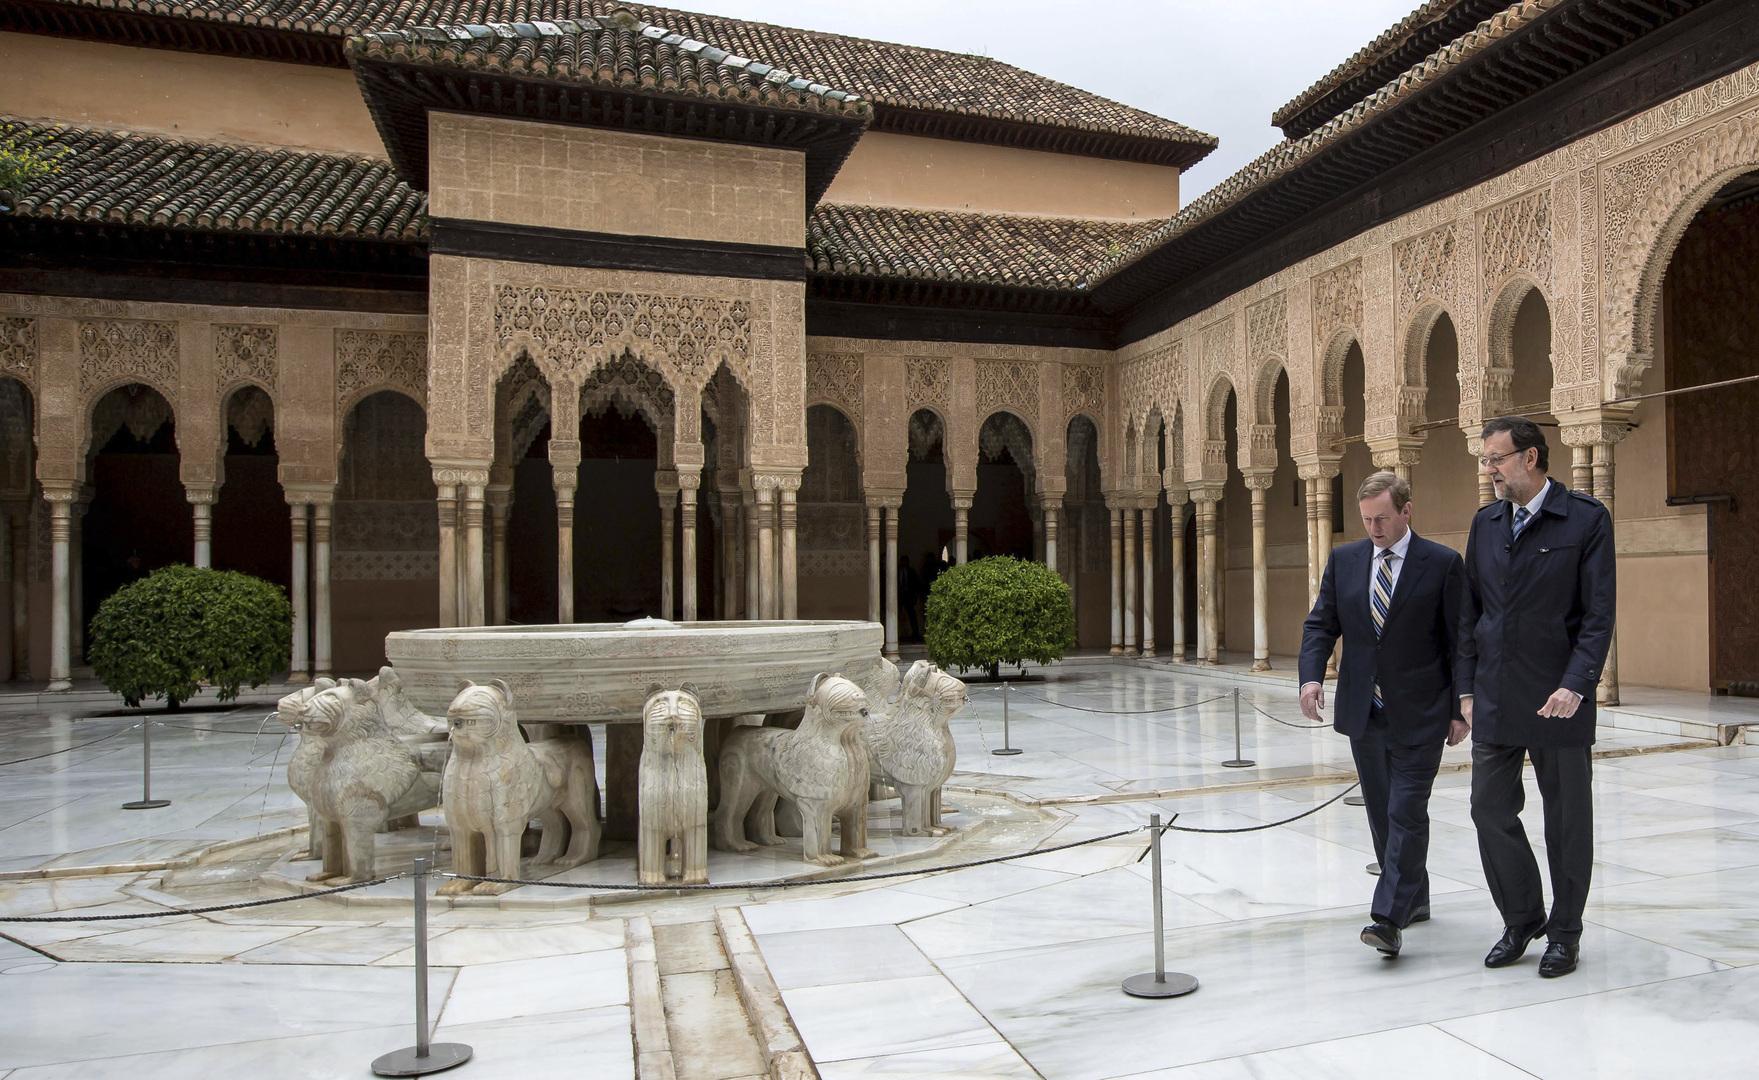 قصر الحمراء. رئيس الحكومة الإسباني الأسبق في ساحة الأسود. أرشيف